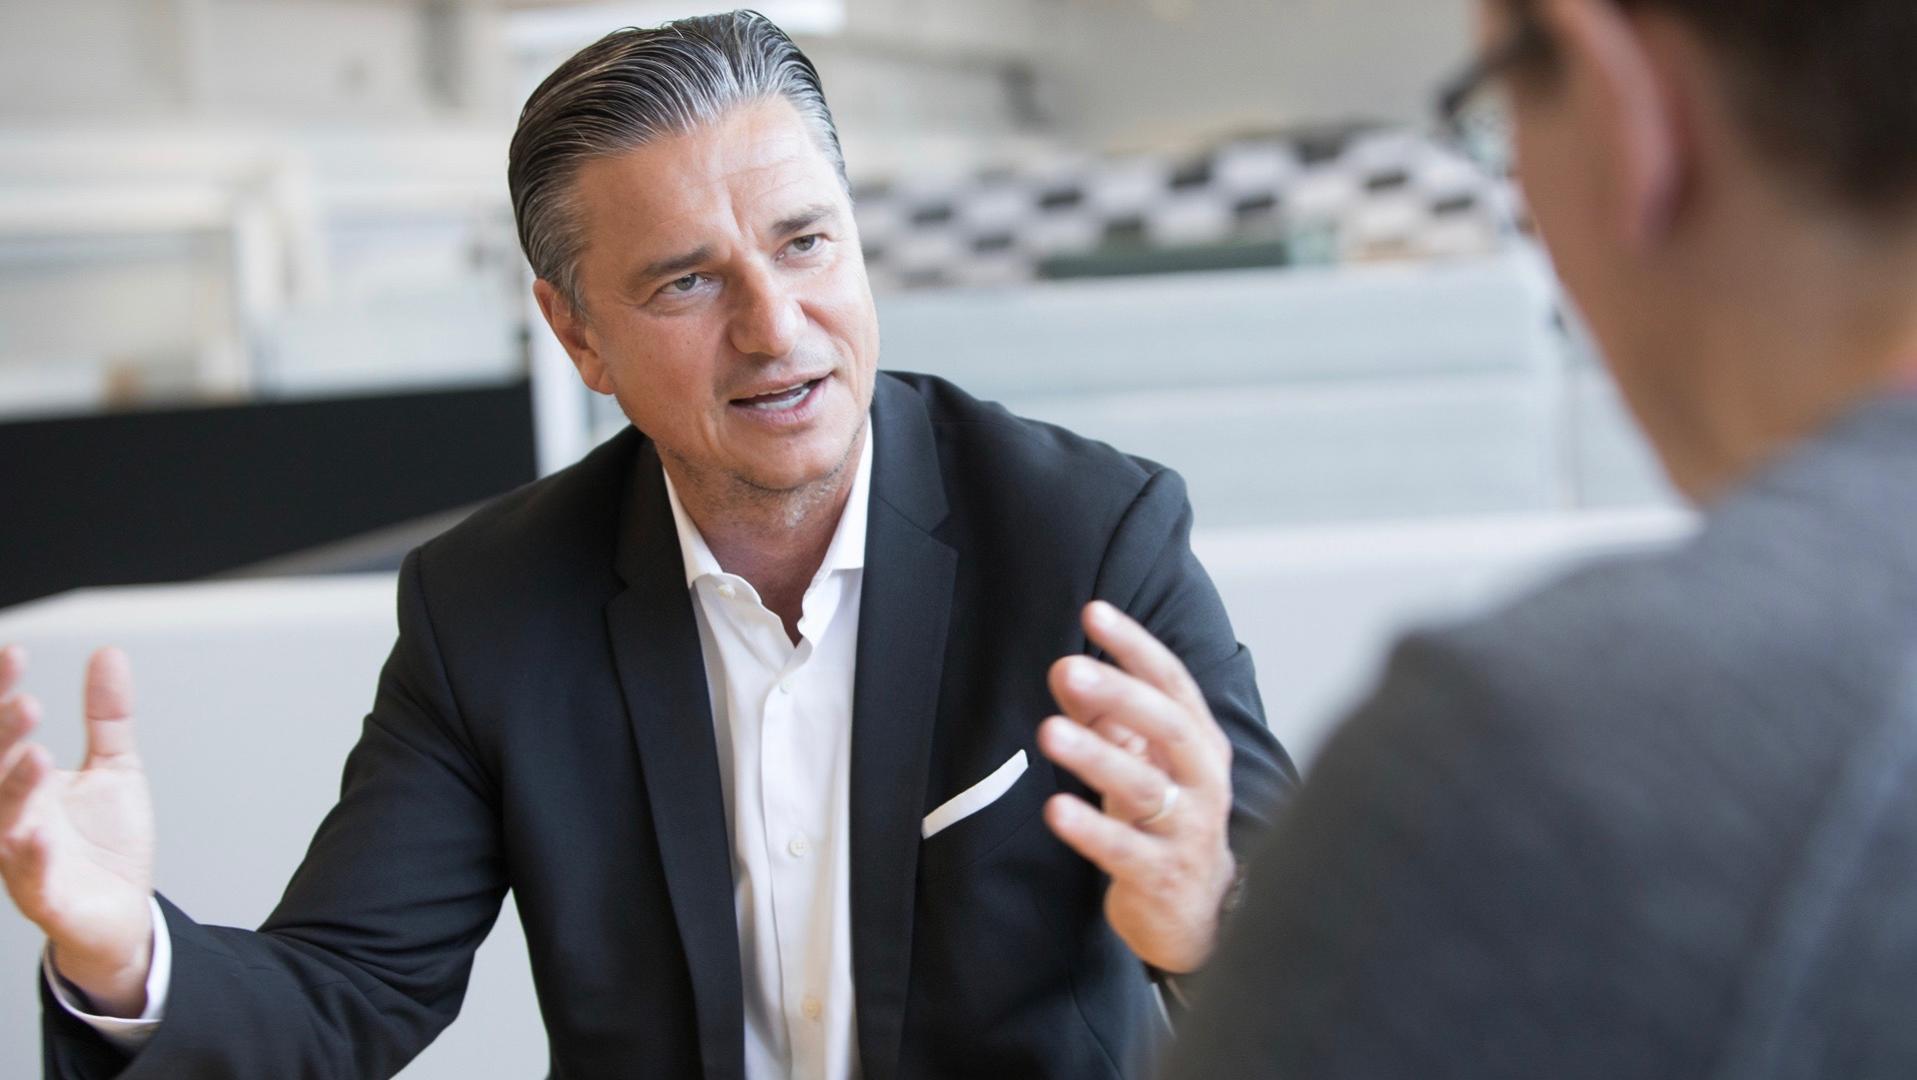 对话保时捷董事会副主席麦思格:2025年实现50%车型电气化